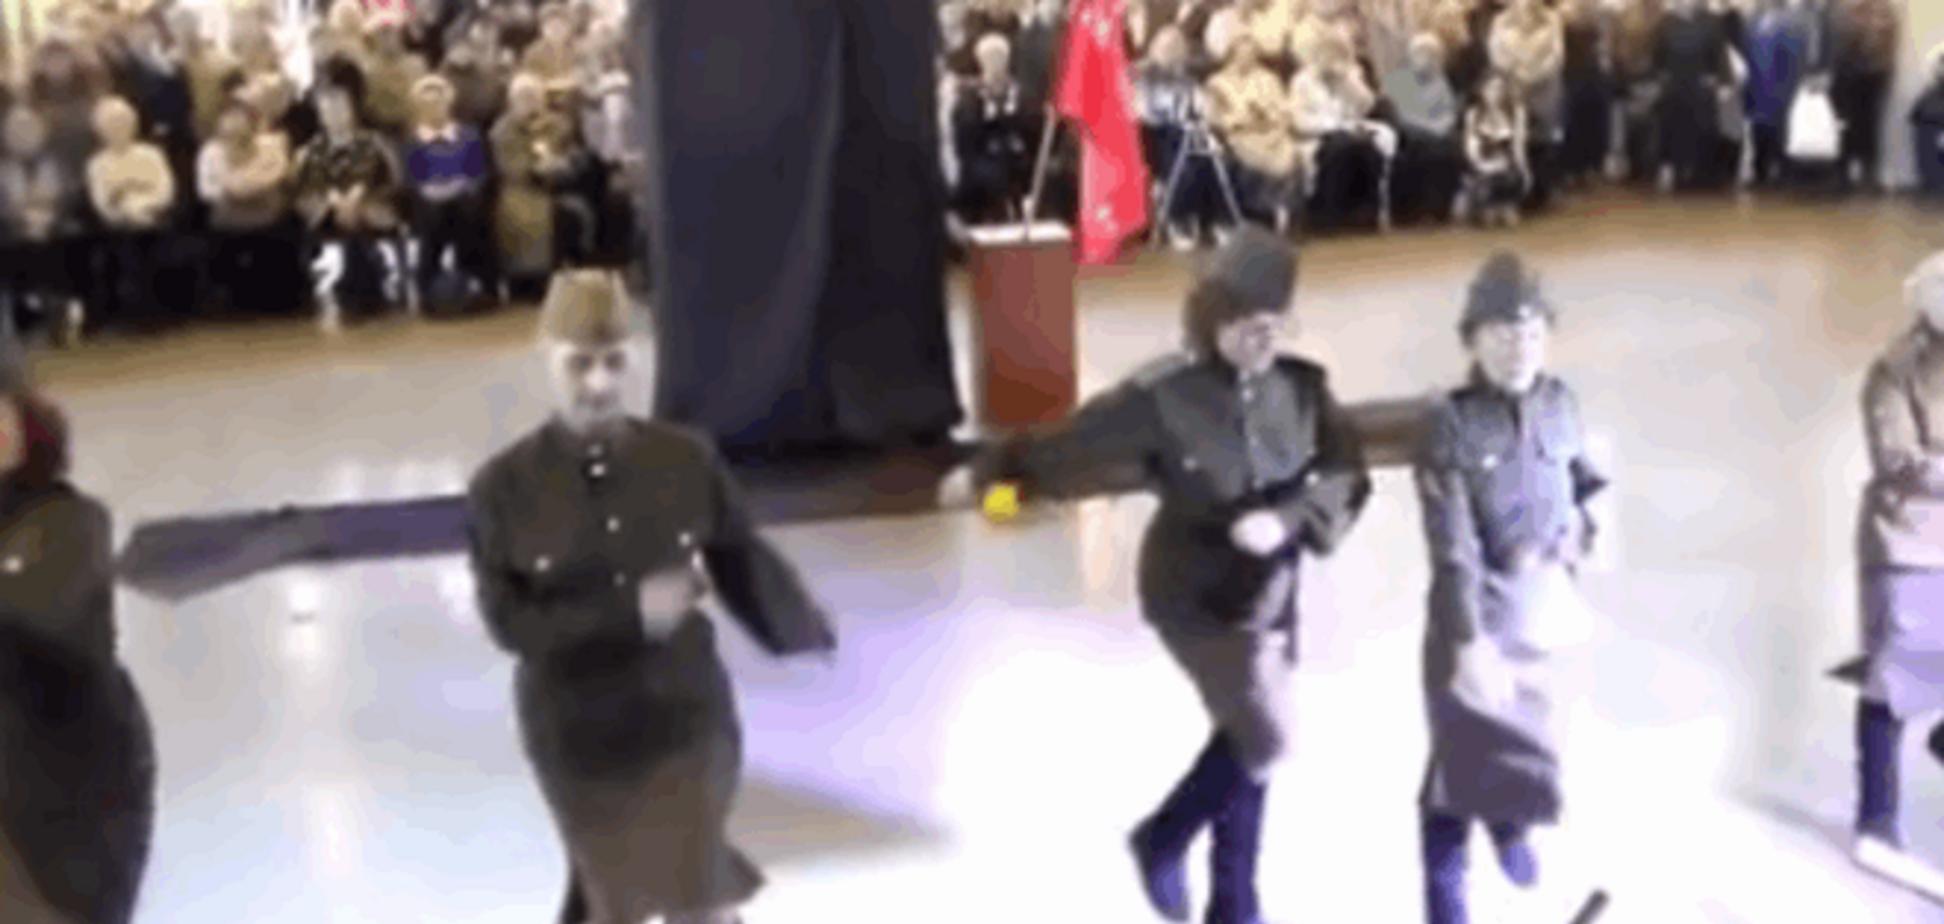 '60+'. В России ко Дню победы бабушки в погонах устроили 'дикие танцы'